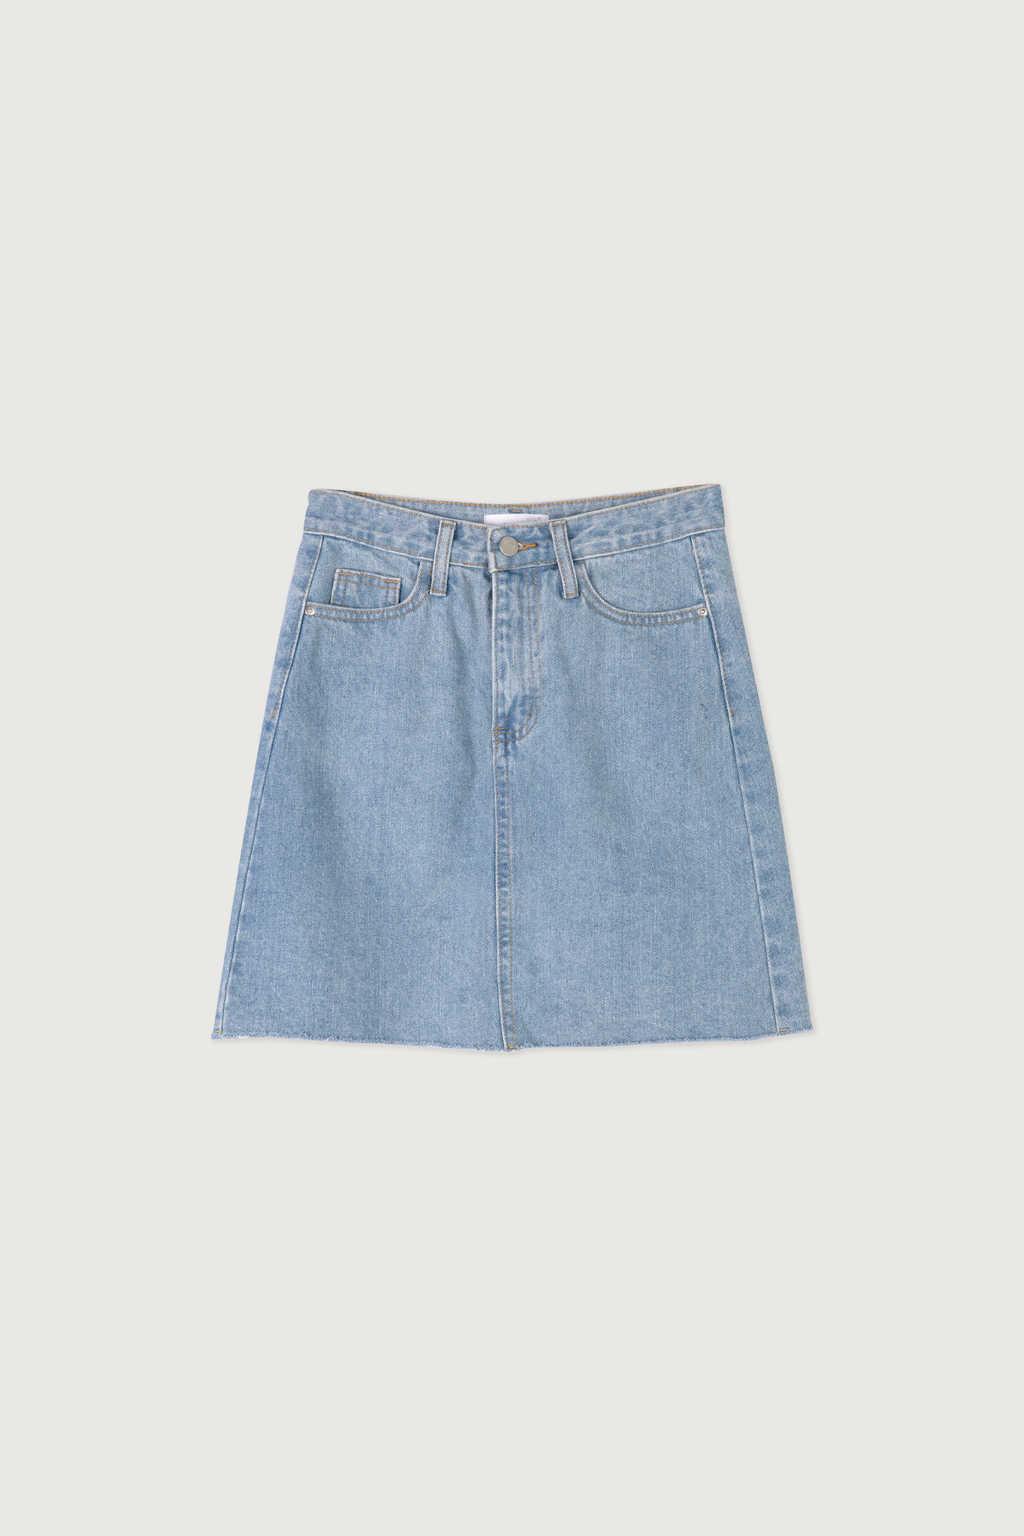 Skirt K011 Blue 7